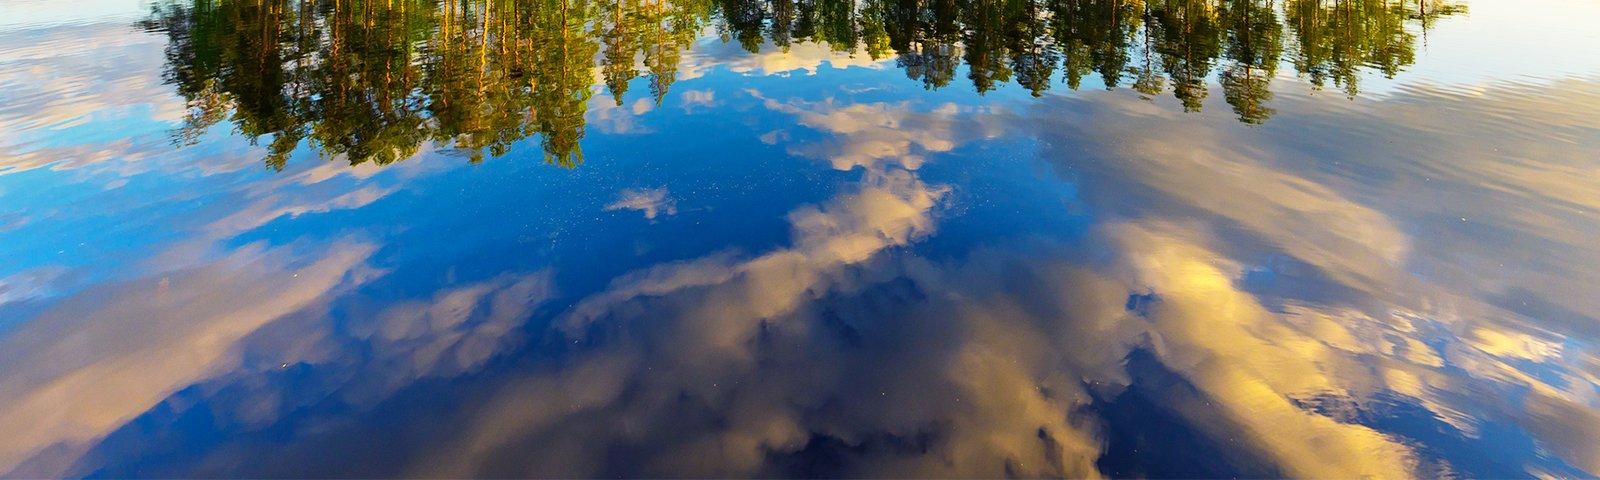 Kesäinen luonto heijastuu järvestä